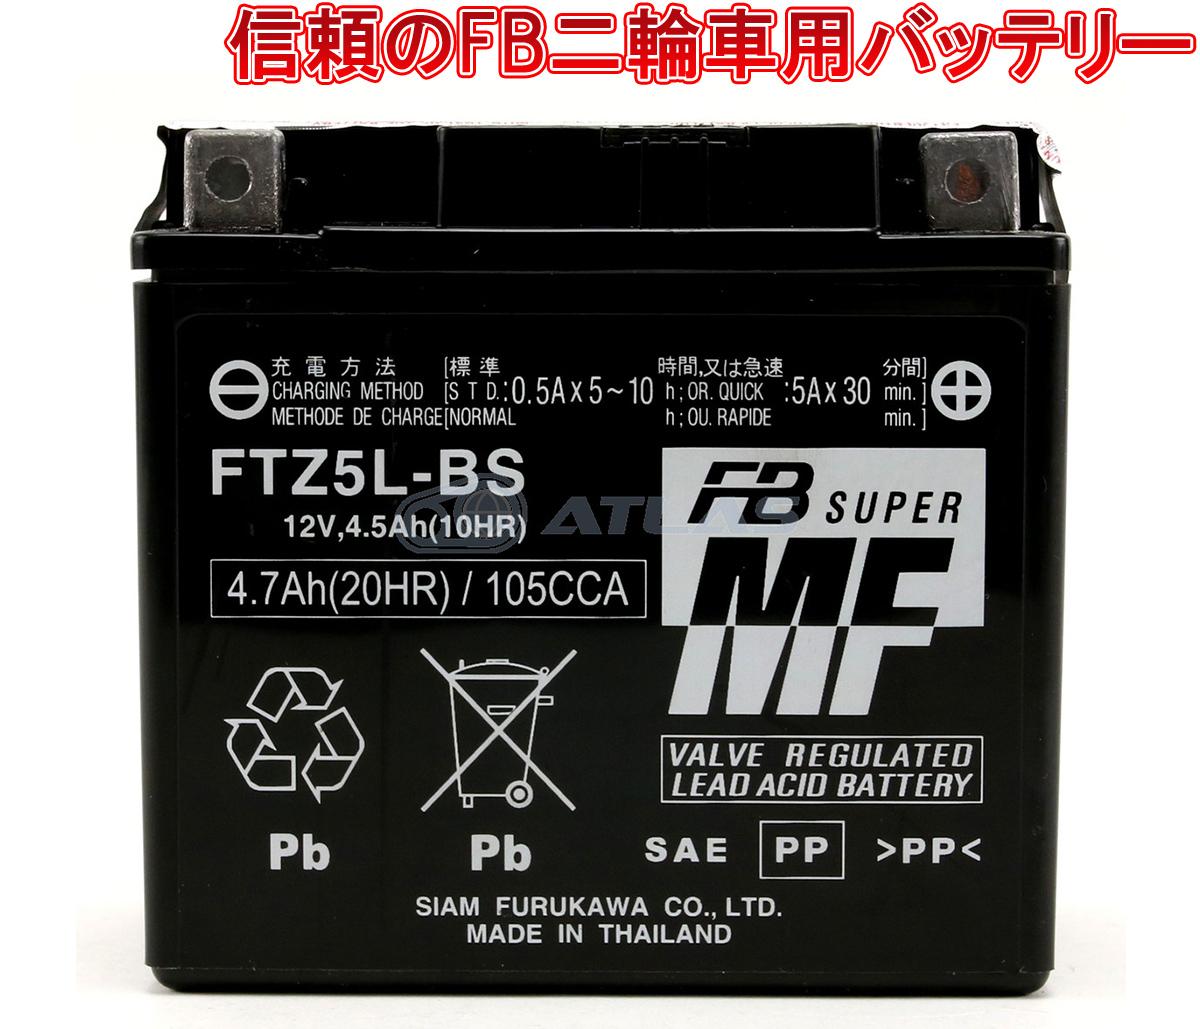 安心の国内正規品 メーカー保証付き 激安超特価 LINE友だちクーポン発行中 バイク バッテリー古河電池 FURUKAWA BATTERY FTZ5L-BS FTX5L-BS 液入り充電済み メーカー1年保証 互換バッテリー YTX5L-BS サービス